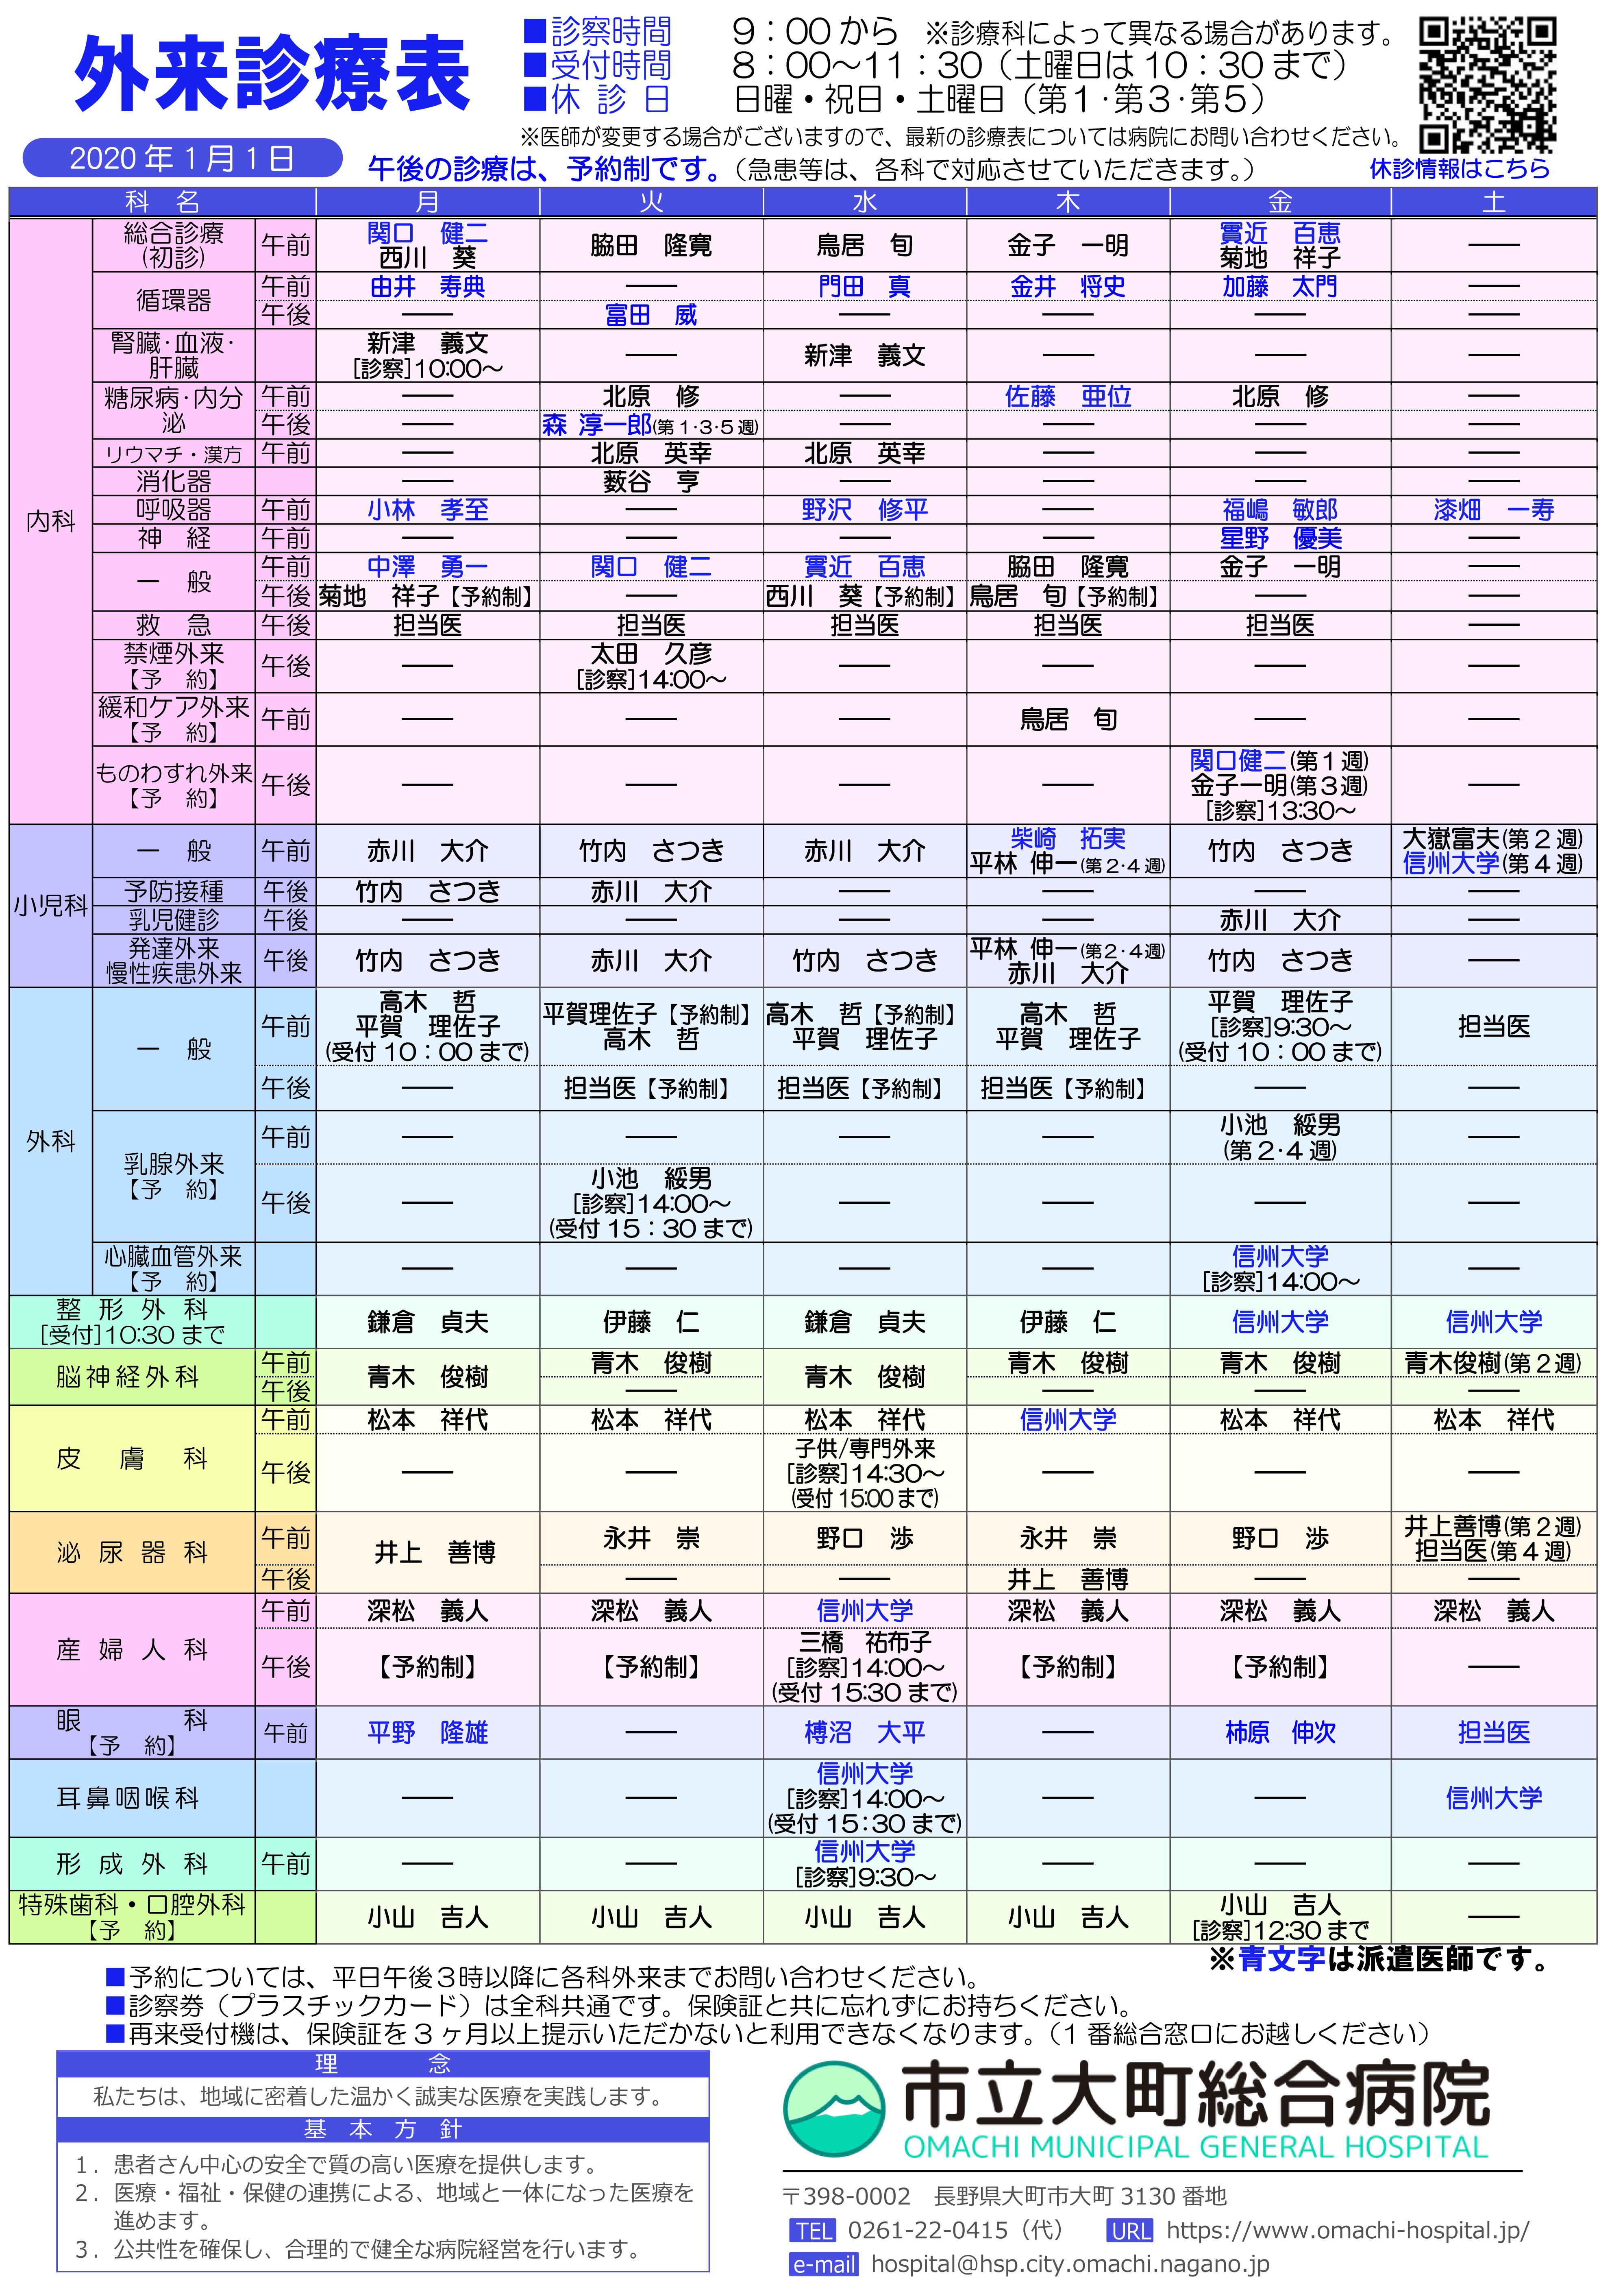 2020年1月1日 外来診察表